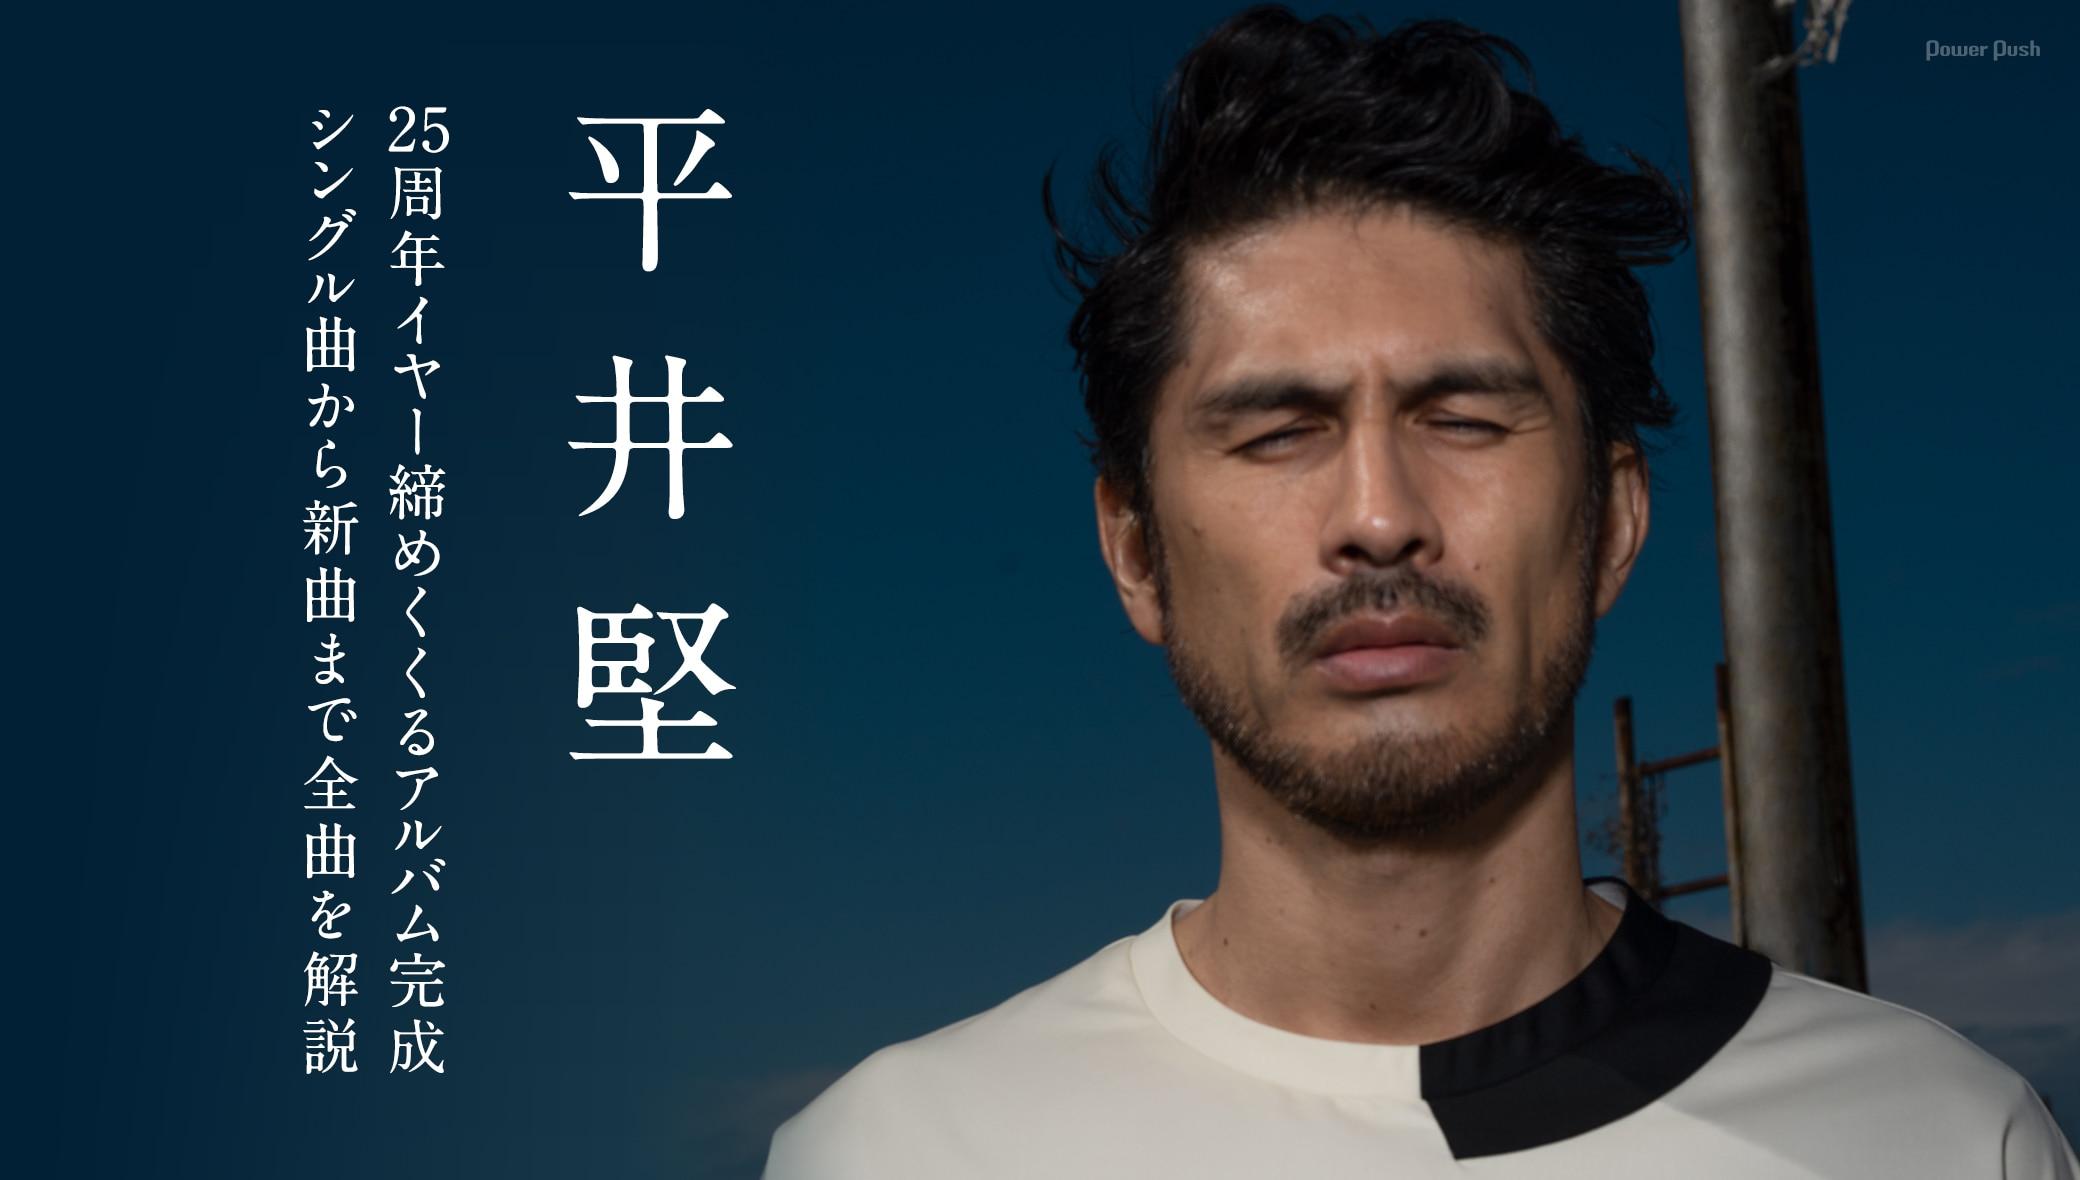 平井堅|25周年イヤー締めくくるアルバム完成 シングル曲から新曲まで全曲を解説